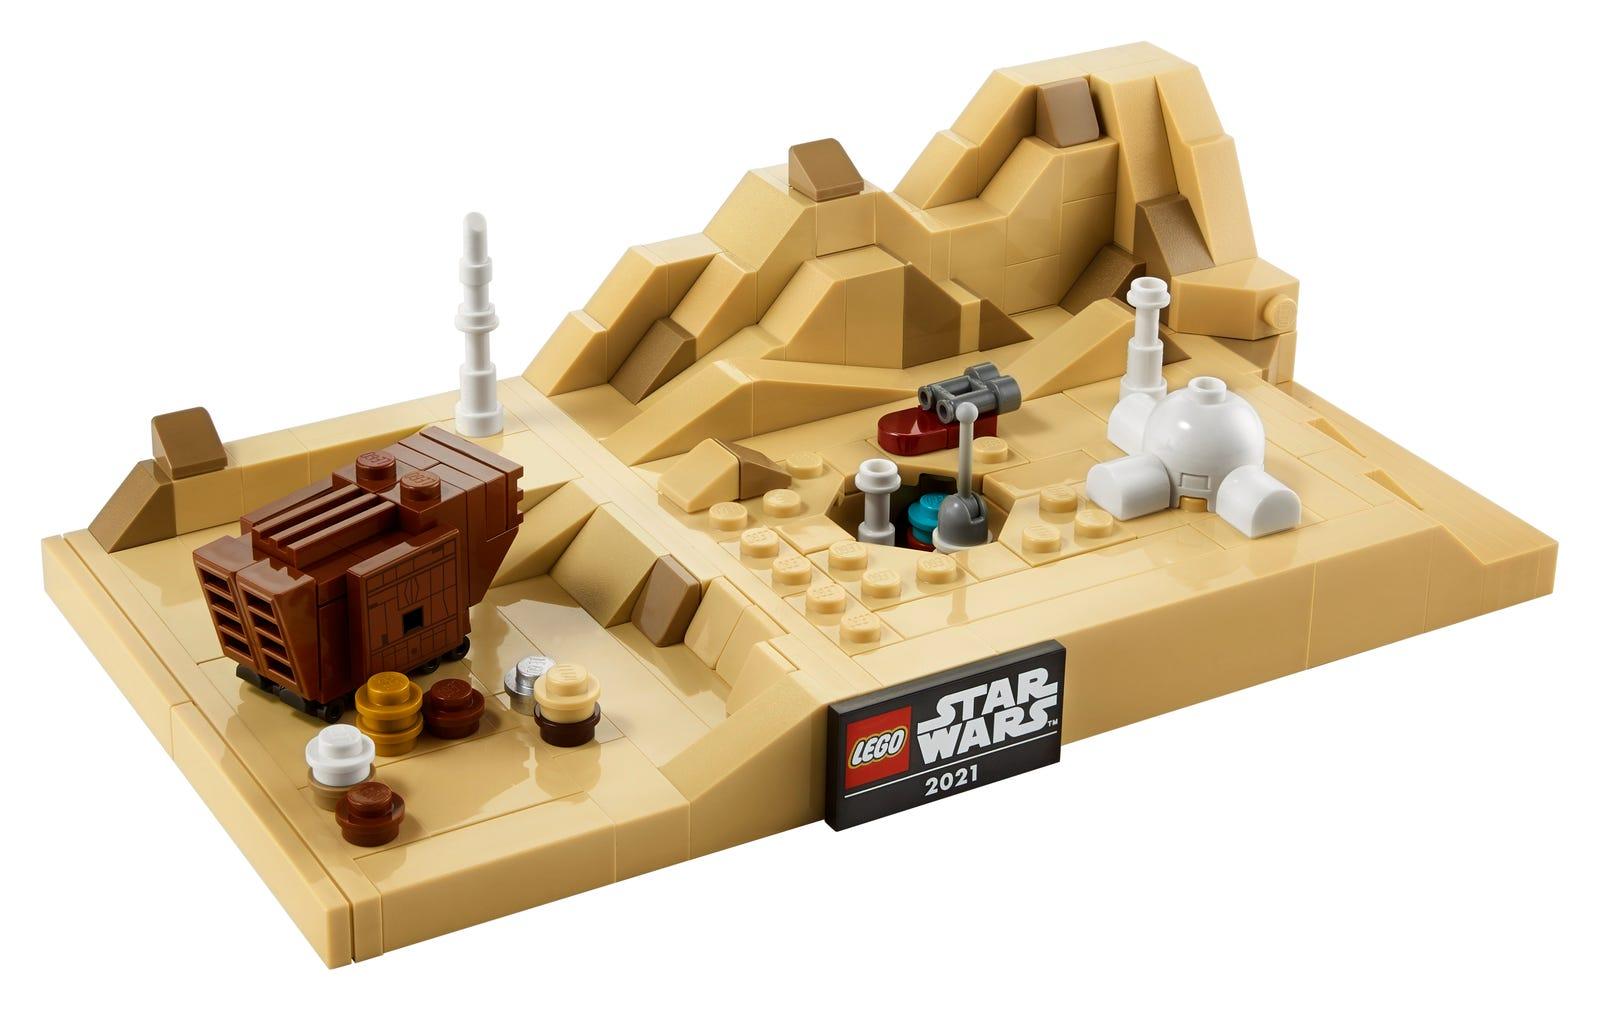 Tatooine Homestead